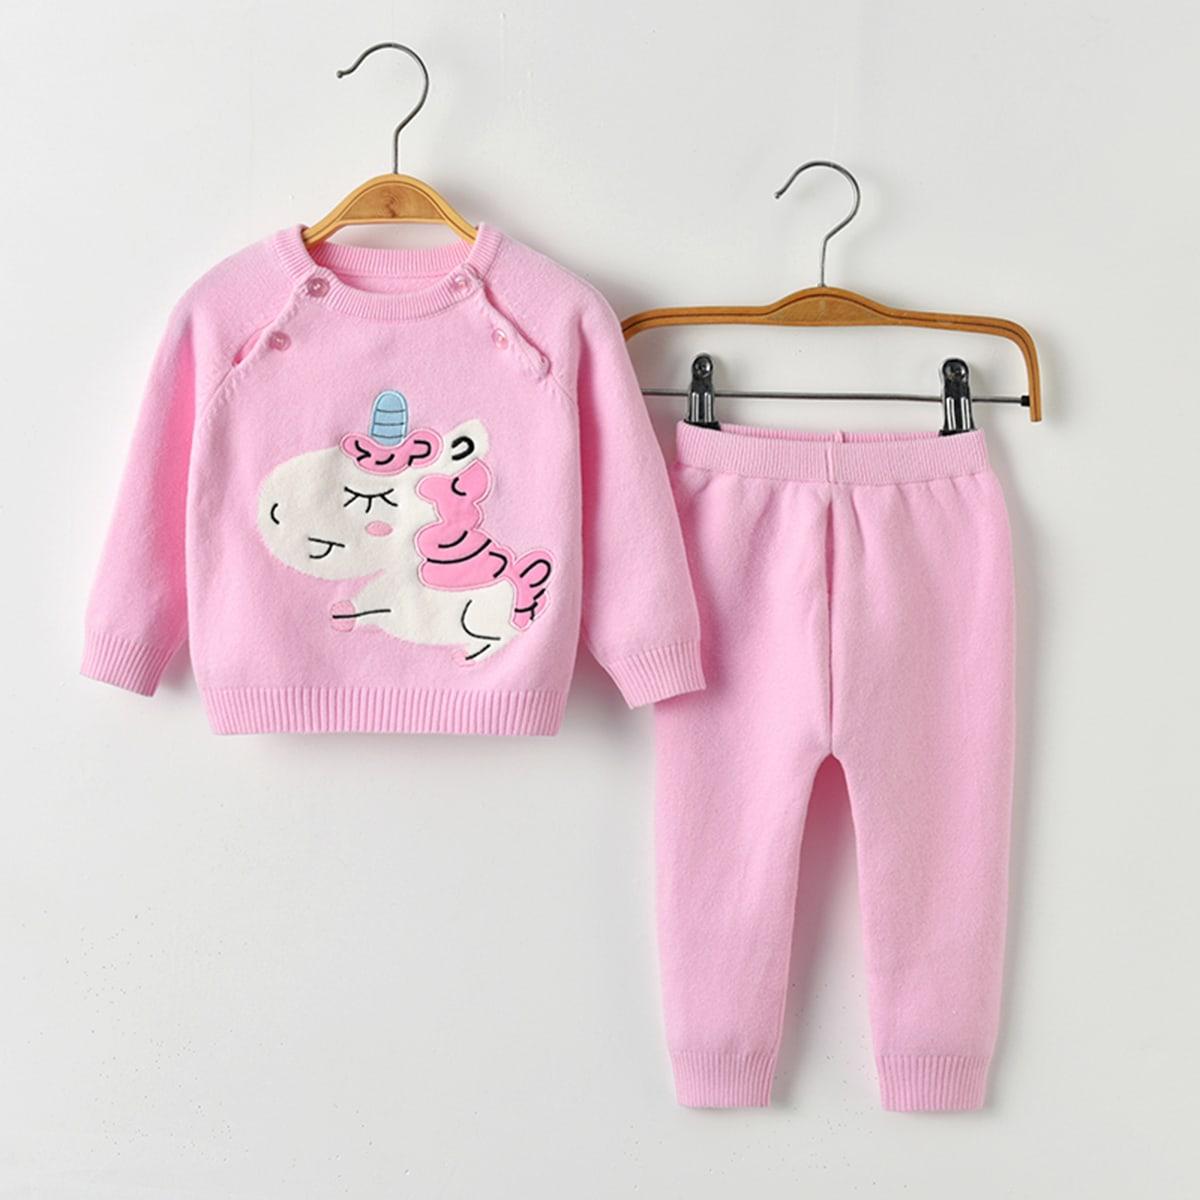 С вышивкой мультяшный принт повседневный трикотажные комплекты  для малышей